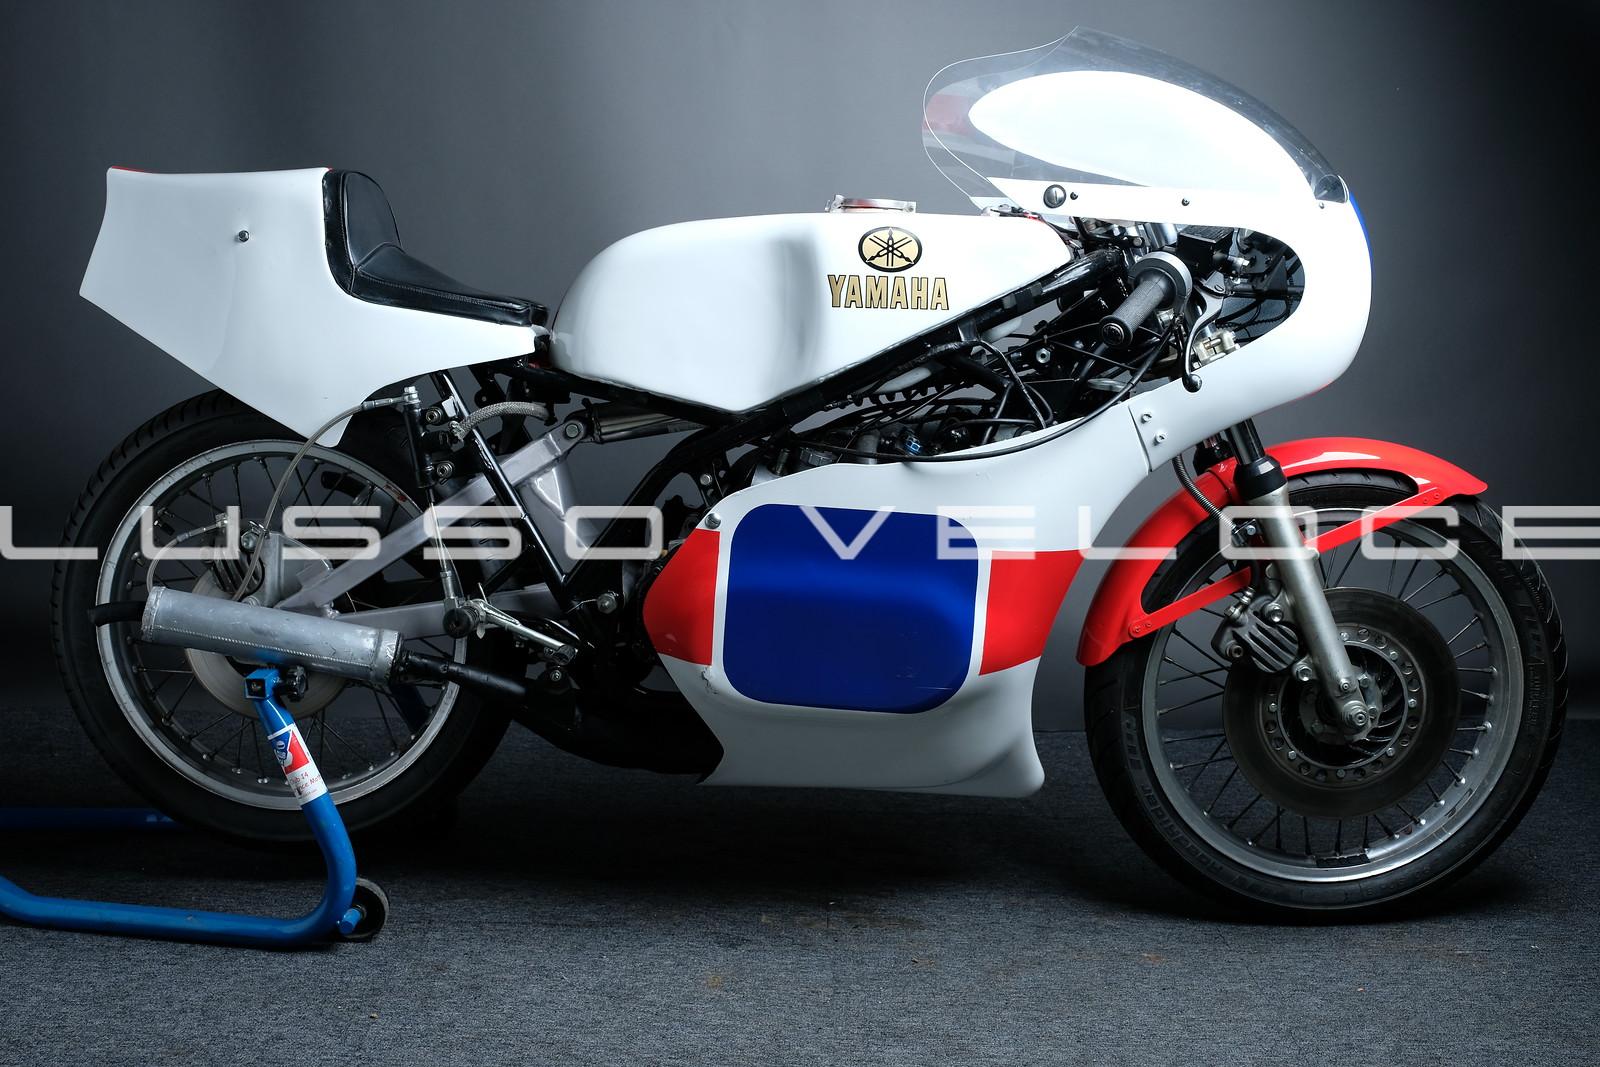 Yamaha TZ 350 F